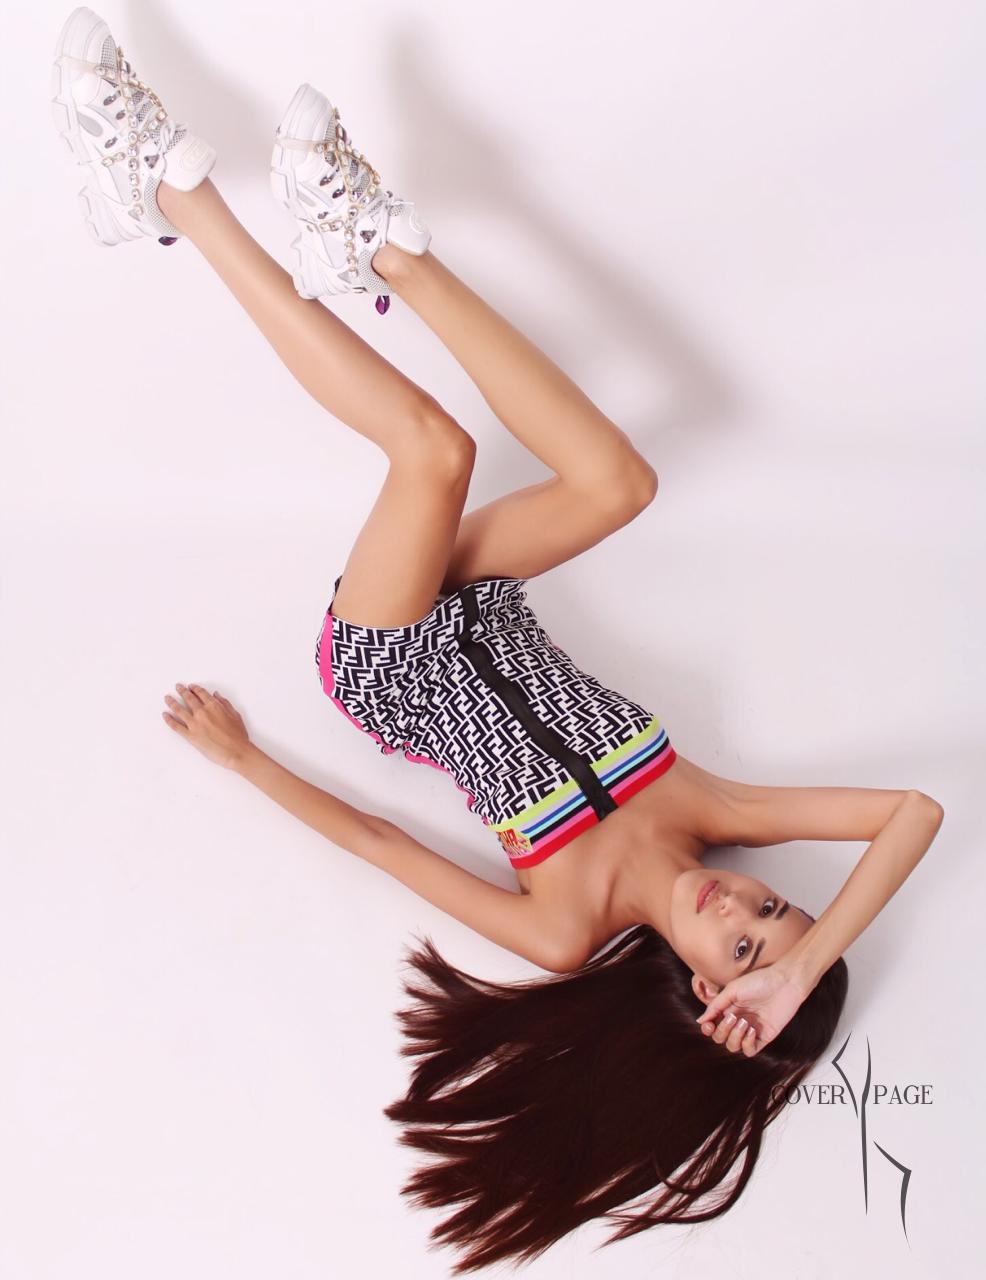 Leylane